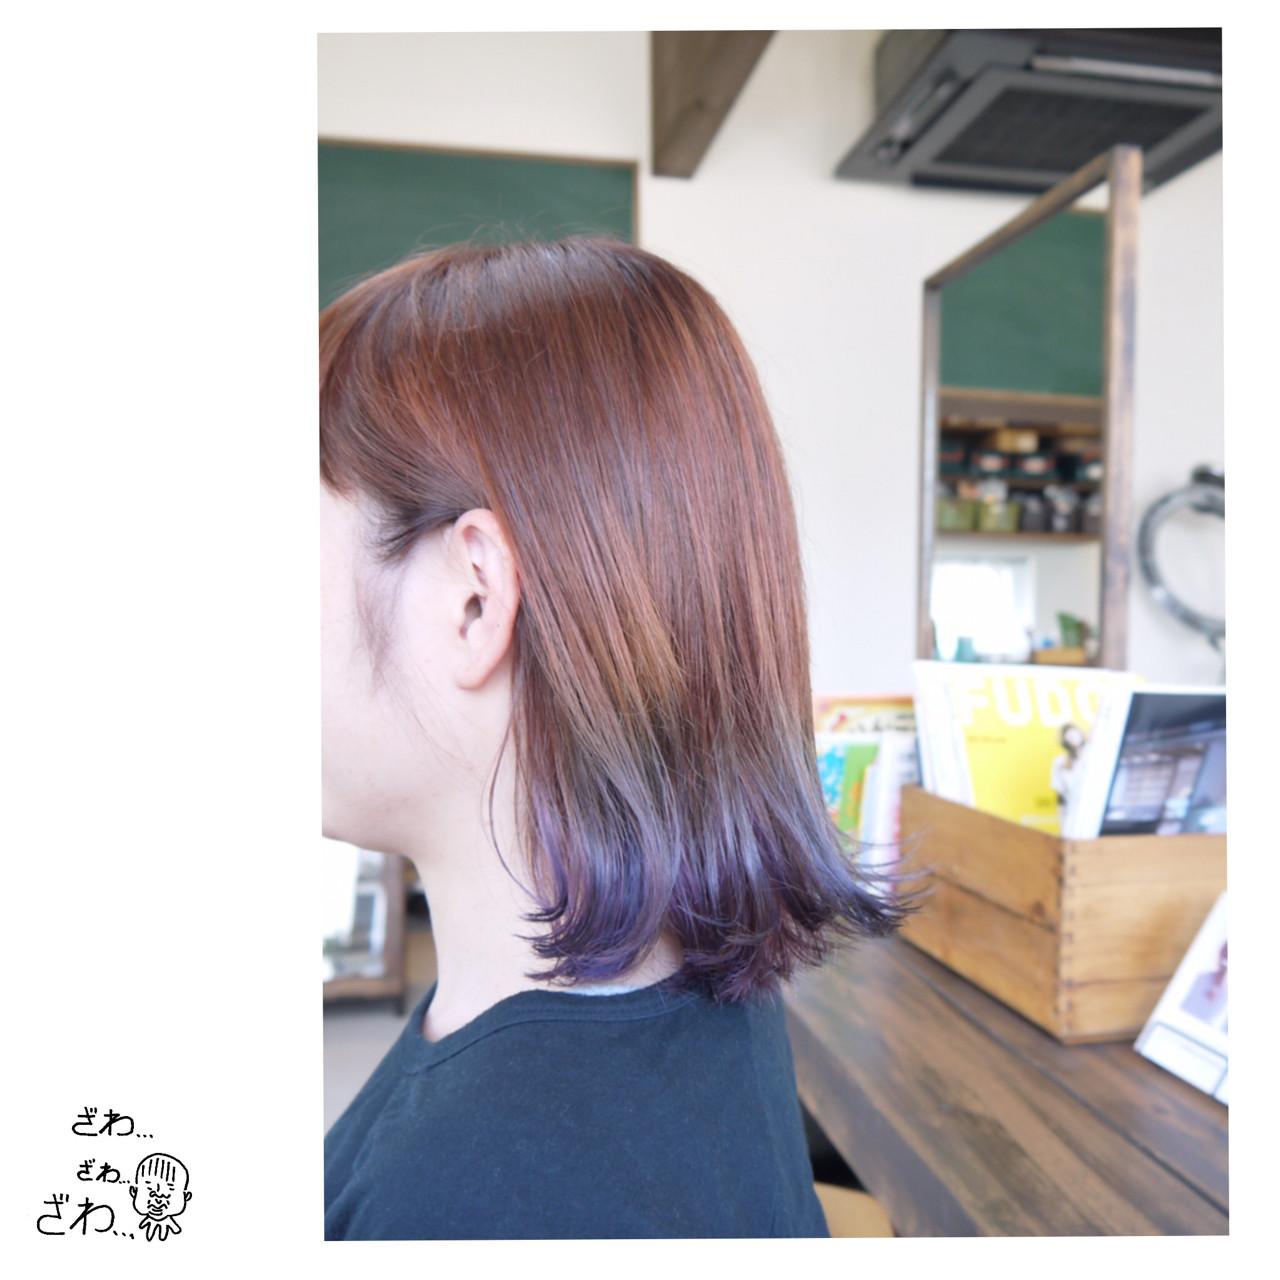 ボブ ナチュラル グラデーションカラー バレイヤージュ ヘアスタイルや髪型の写真・画像